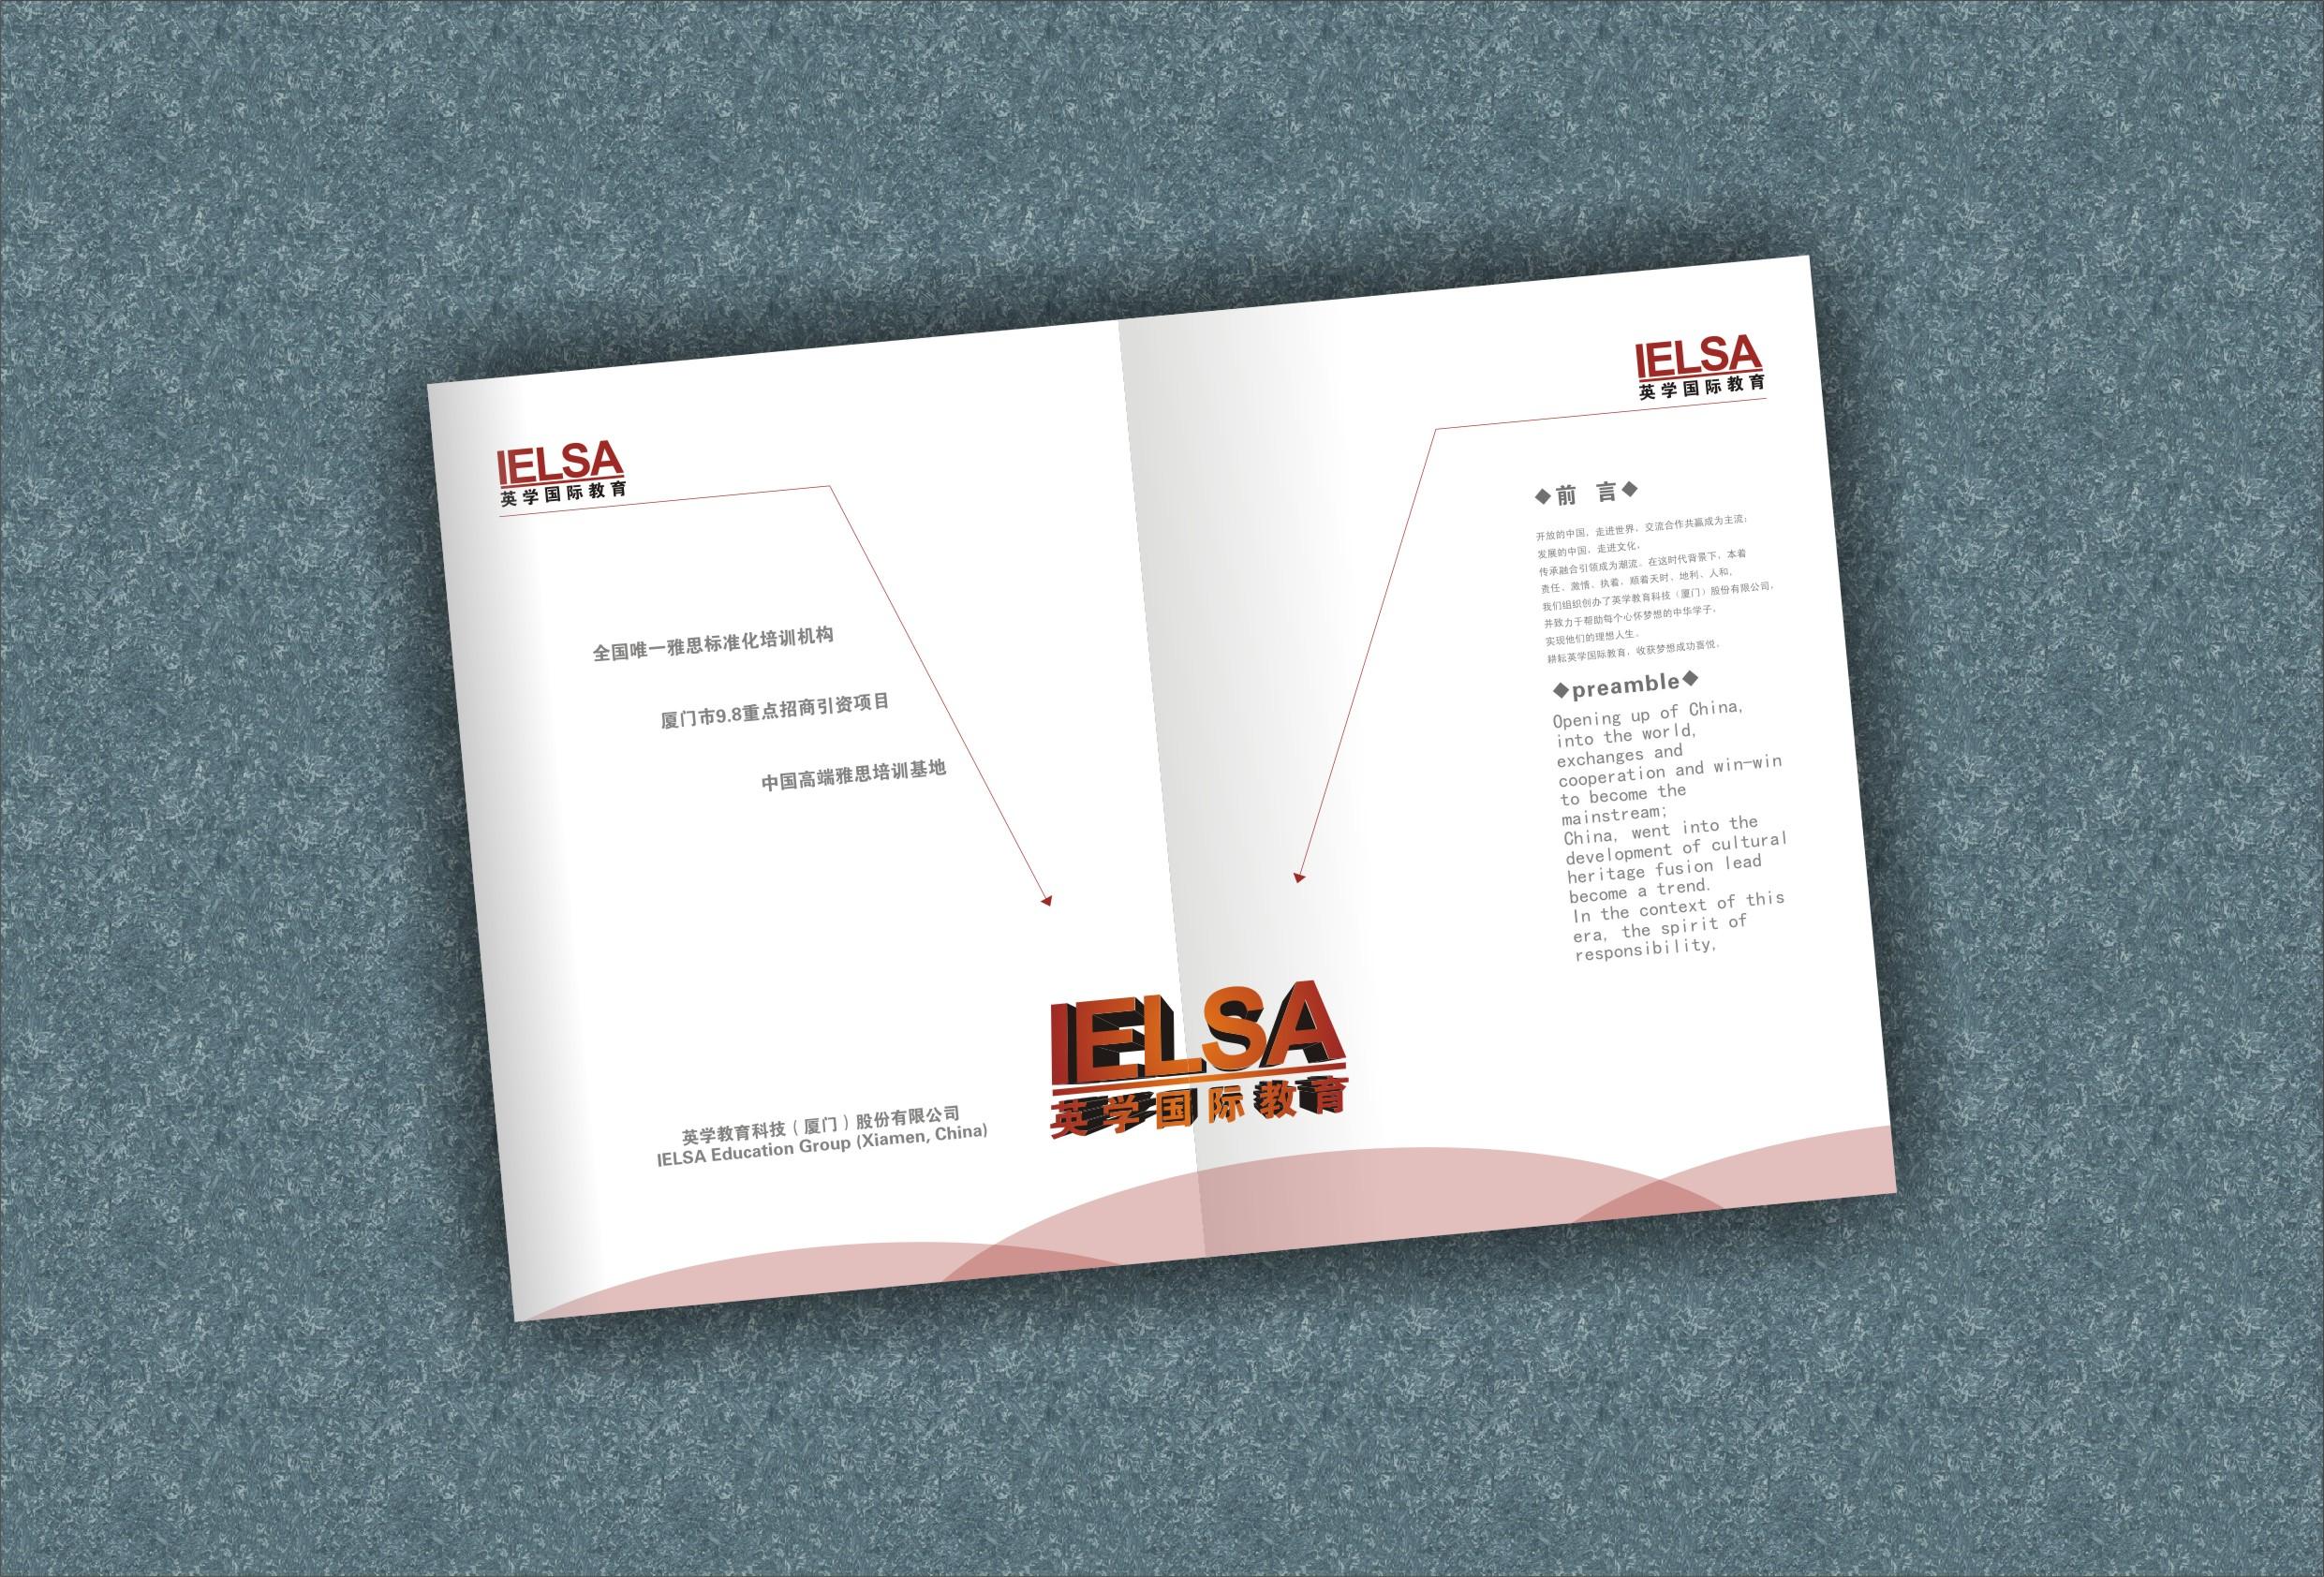 书籍广告排版设计_中文字体隔断设计_内页排排版室内设计图片